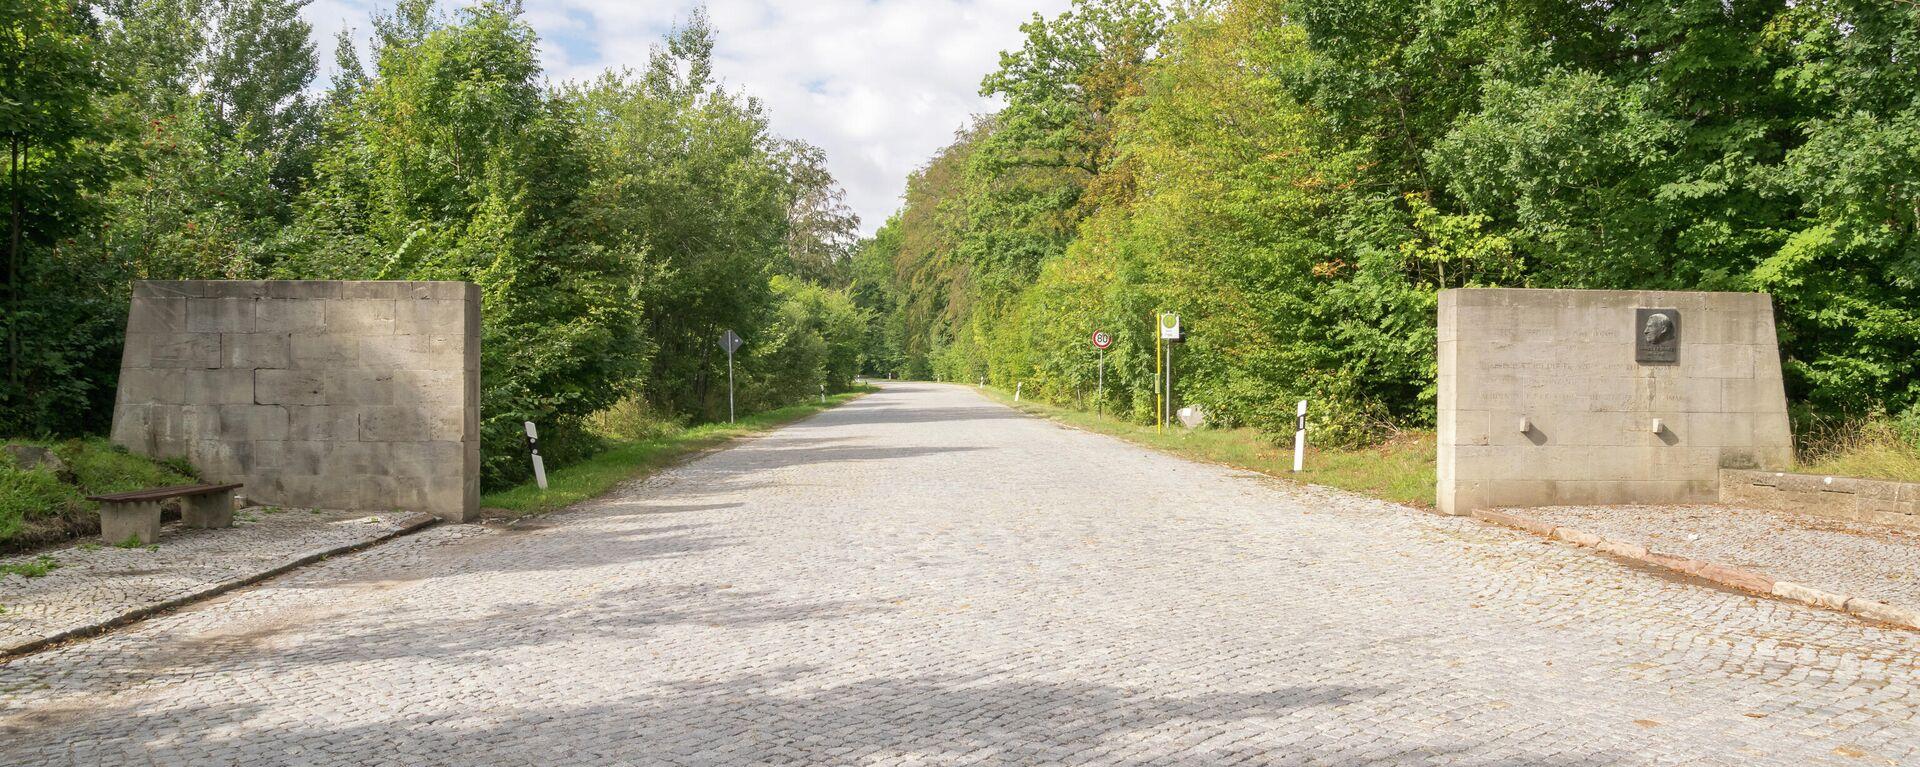 Blutstraße am Ettersberg bei Weimar; die Straße führt zum ehemaligen KZ Buchenwald und wurde von Lagerhäftlingen gebaut; Straßeneinfahrt mit Denkmal für Henri Manhès - SNA, 1920, 04.08.2021